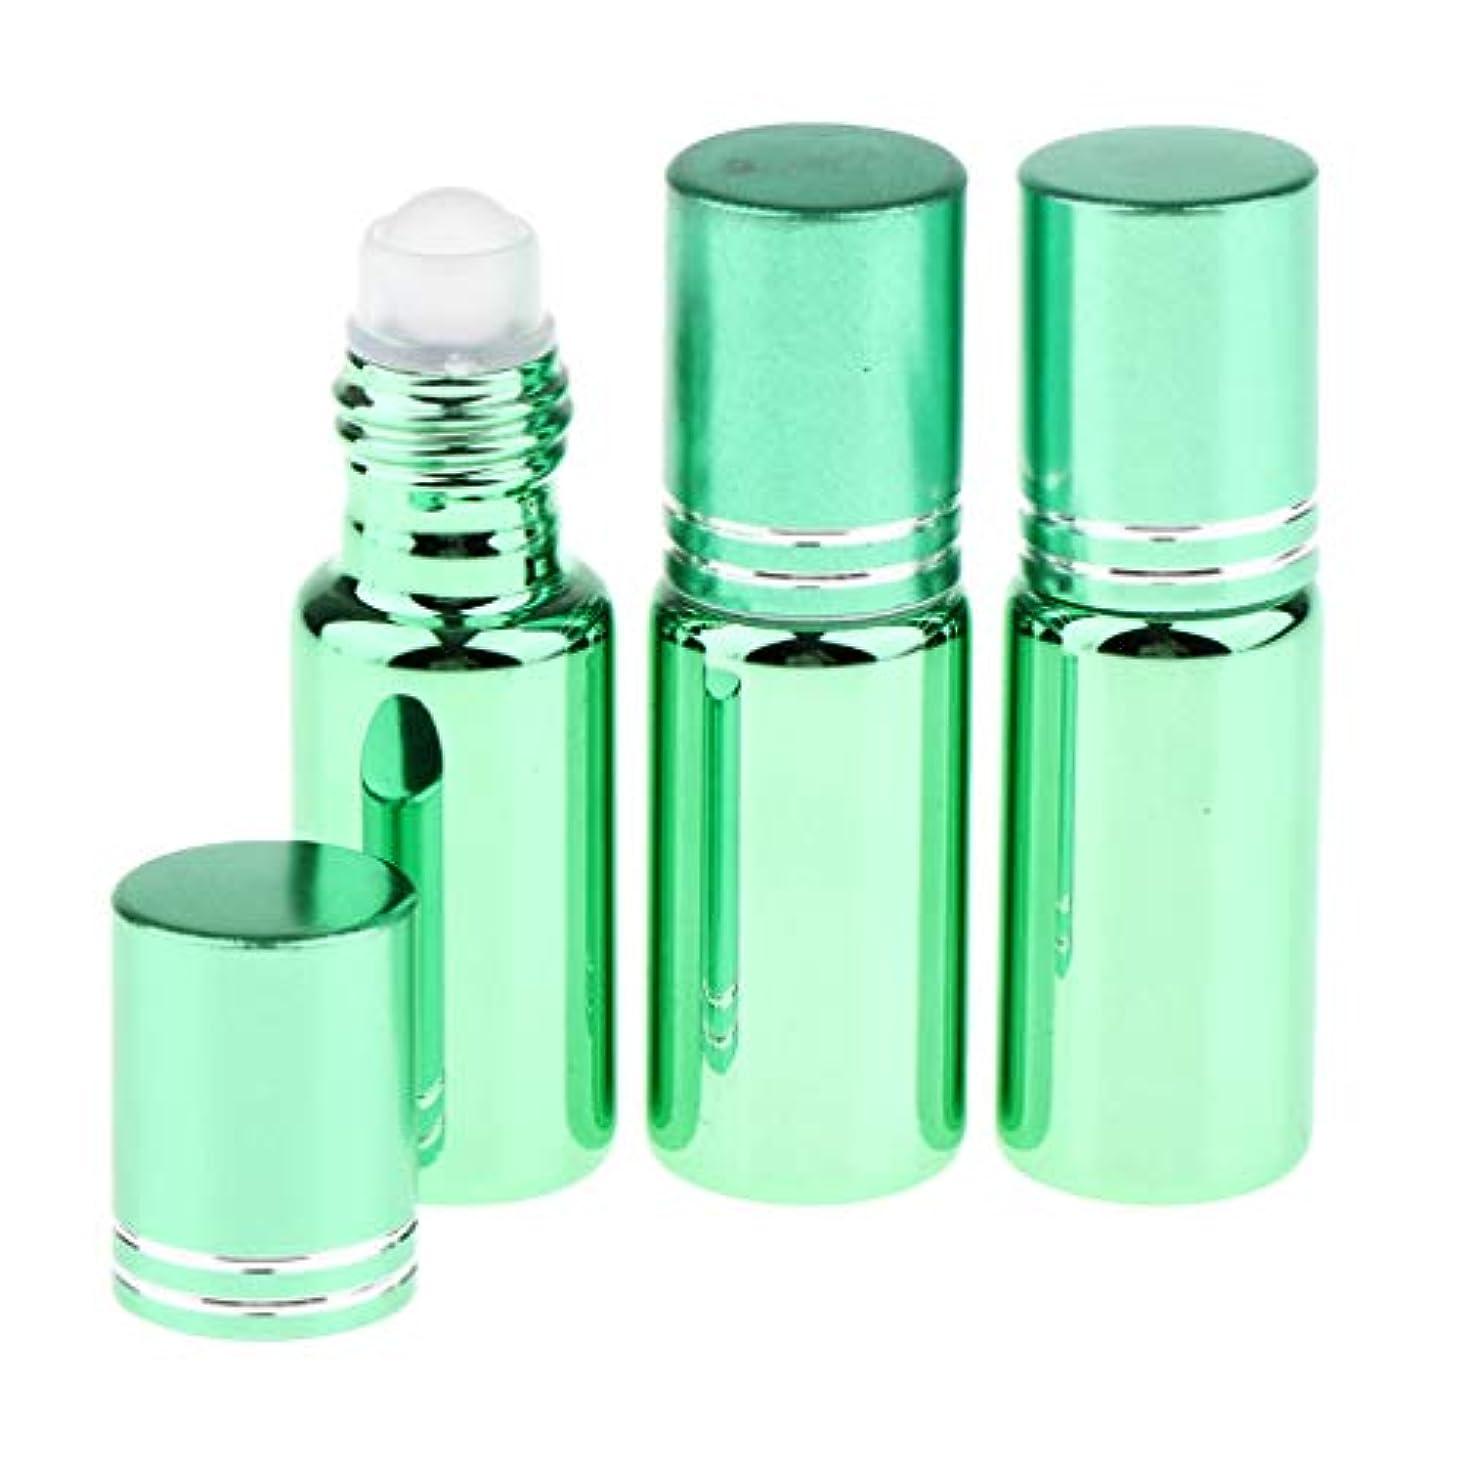 北米球状恥SM SunniMix 詰め替え容器 ロールオンボトル アロマオイル エッセンシャルオイル容器 通勤/旅行/出張対策可能 全6色 - 緑